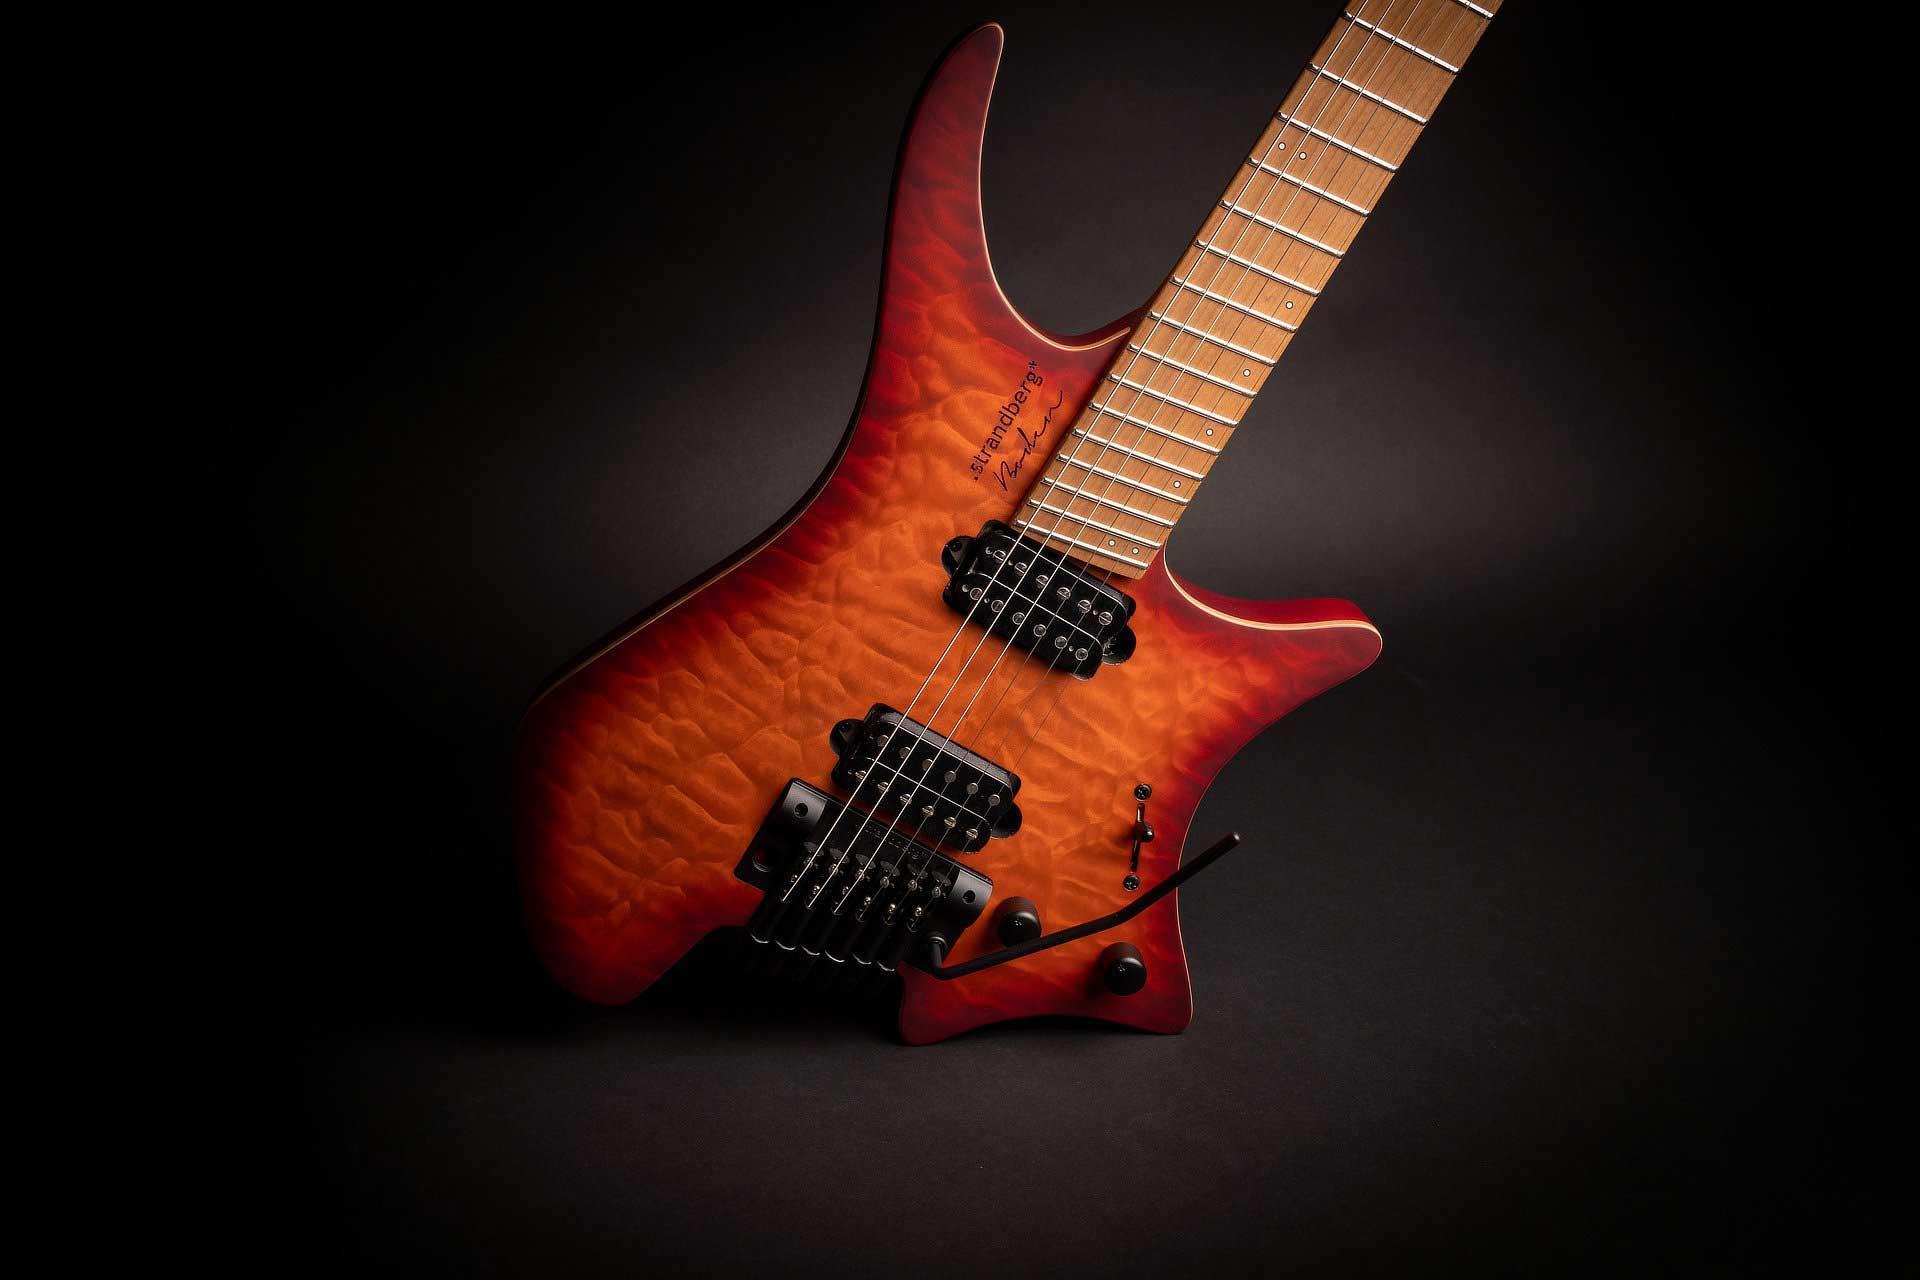 גיטרה חשמלית Strandberg Boden Standard 6 Tremolo LE Red Burst